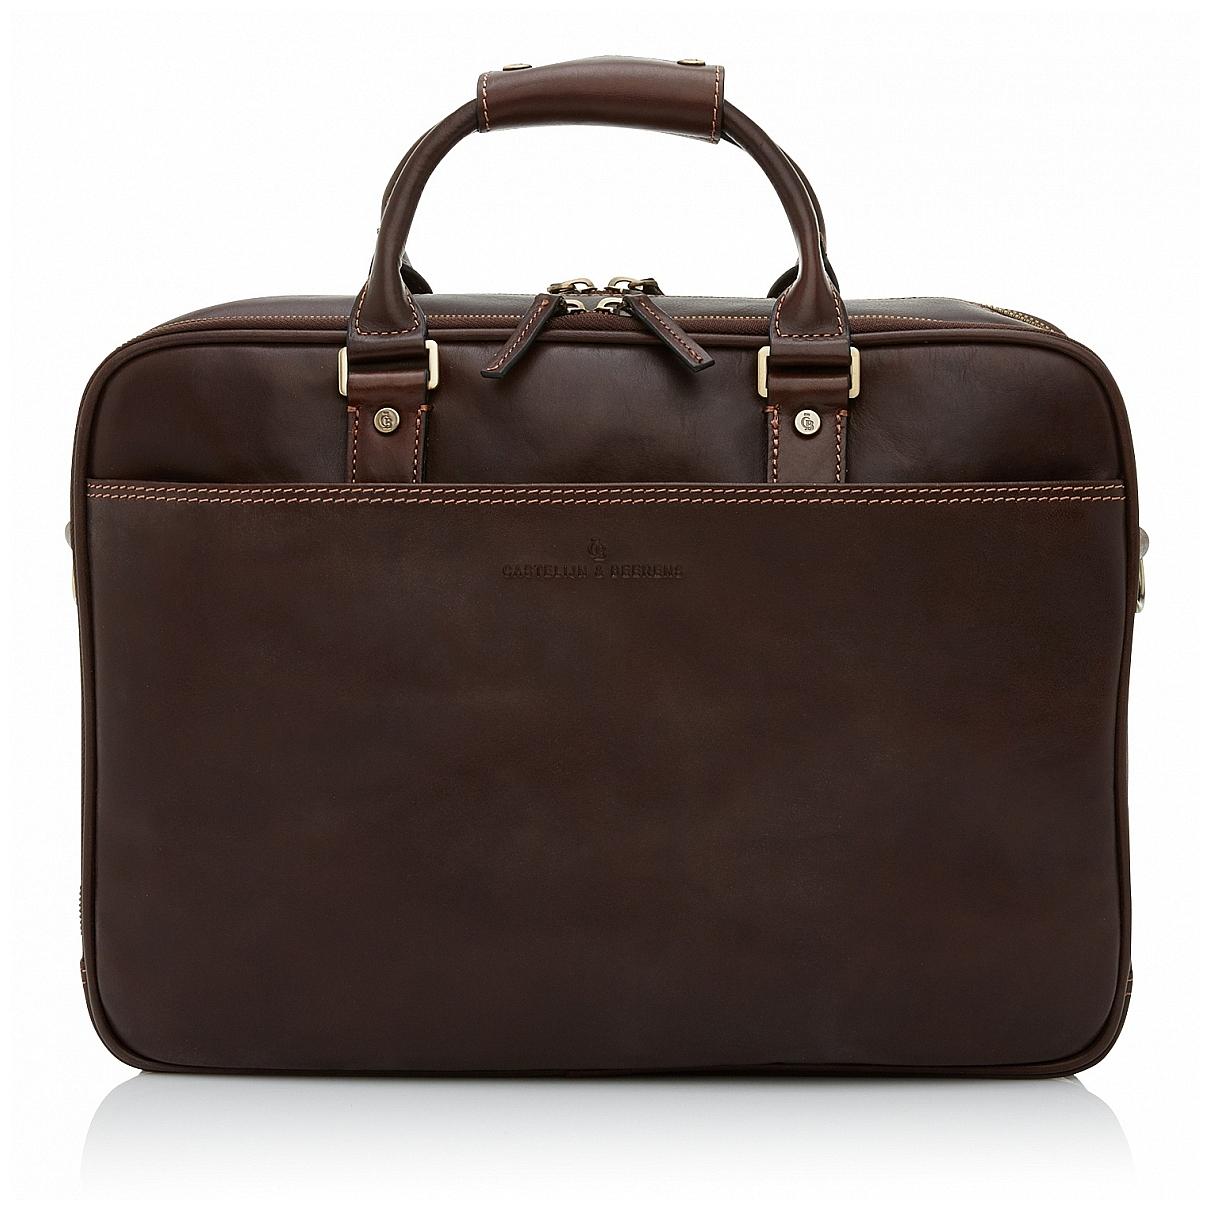 Castelijn & Beerens Kožená taška na notebook a tablet 689476 tmavě hnědá